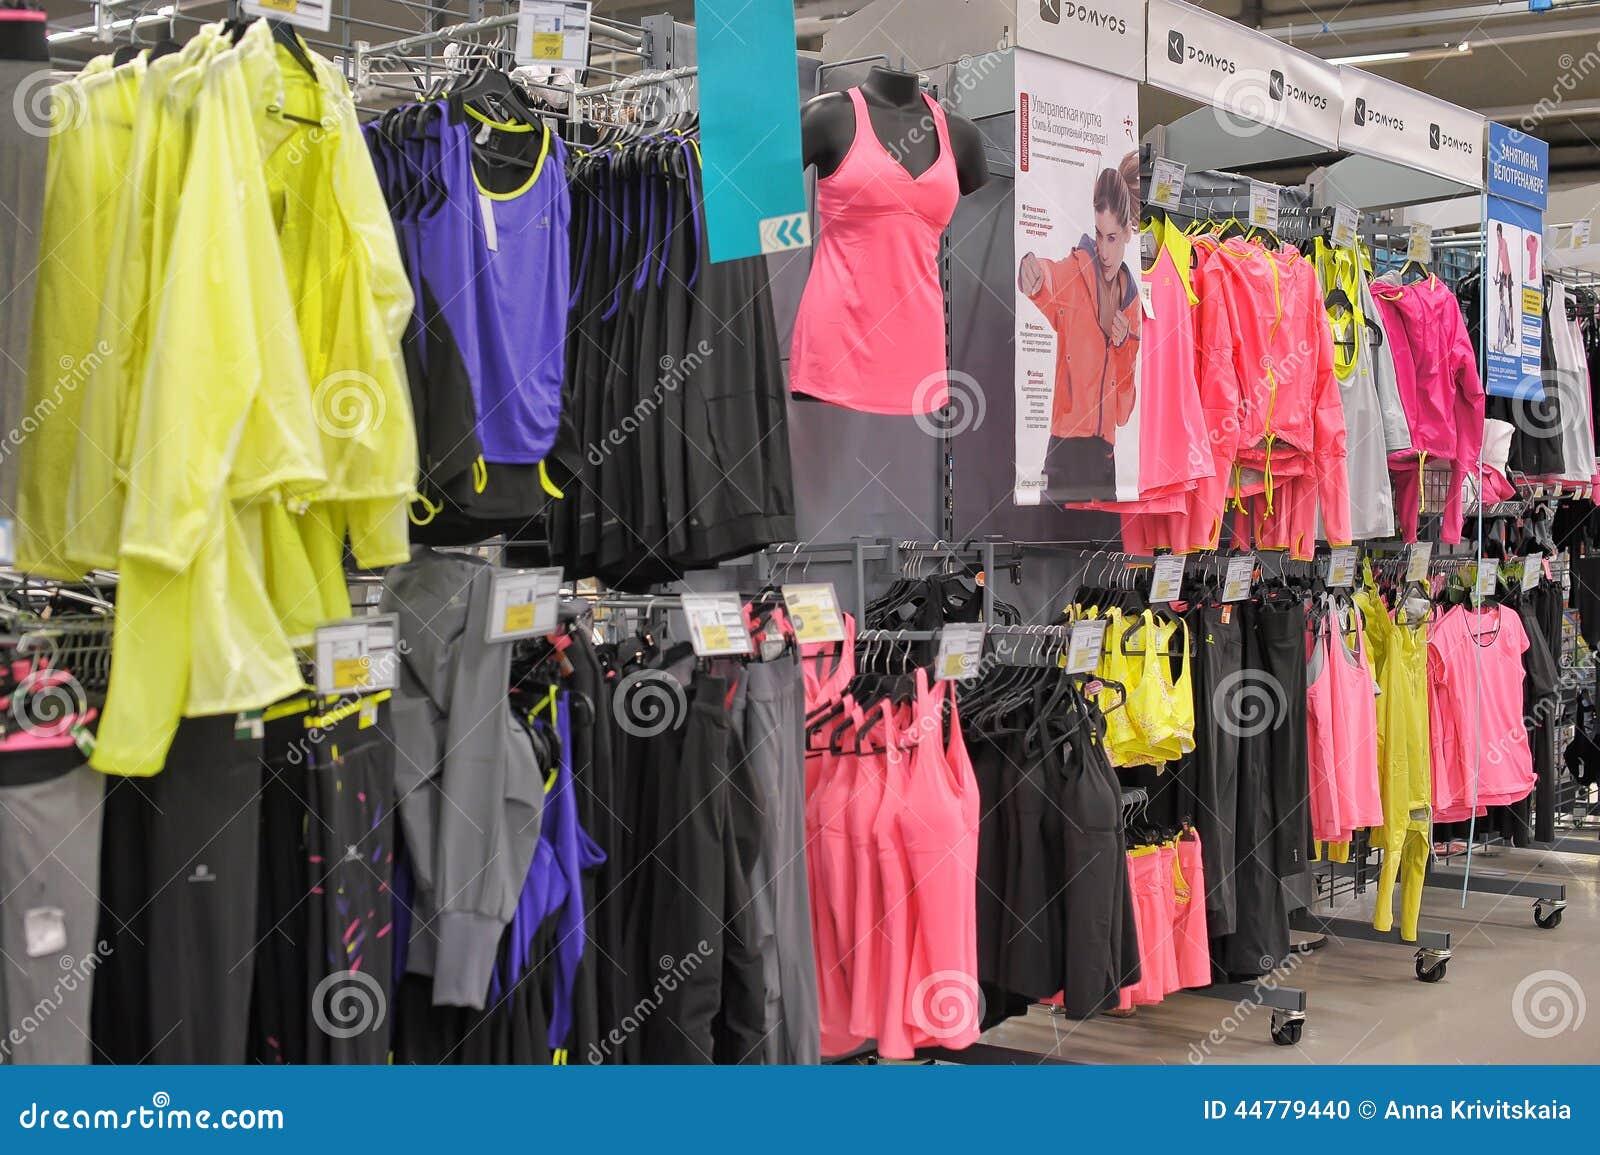 tout neuf 479fe fec1e Magasin De Vêtements De Sport Image éditorial - Image du ...